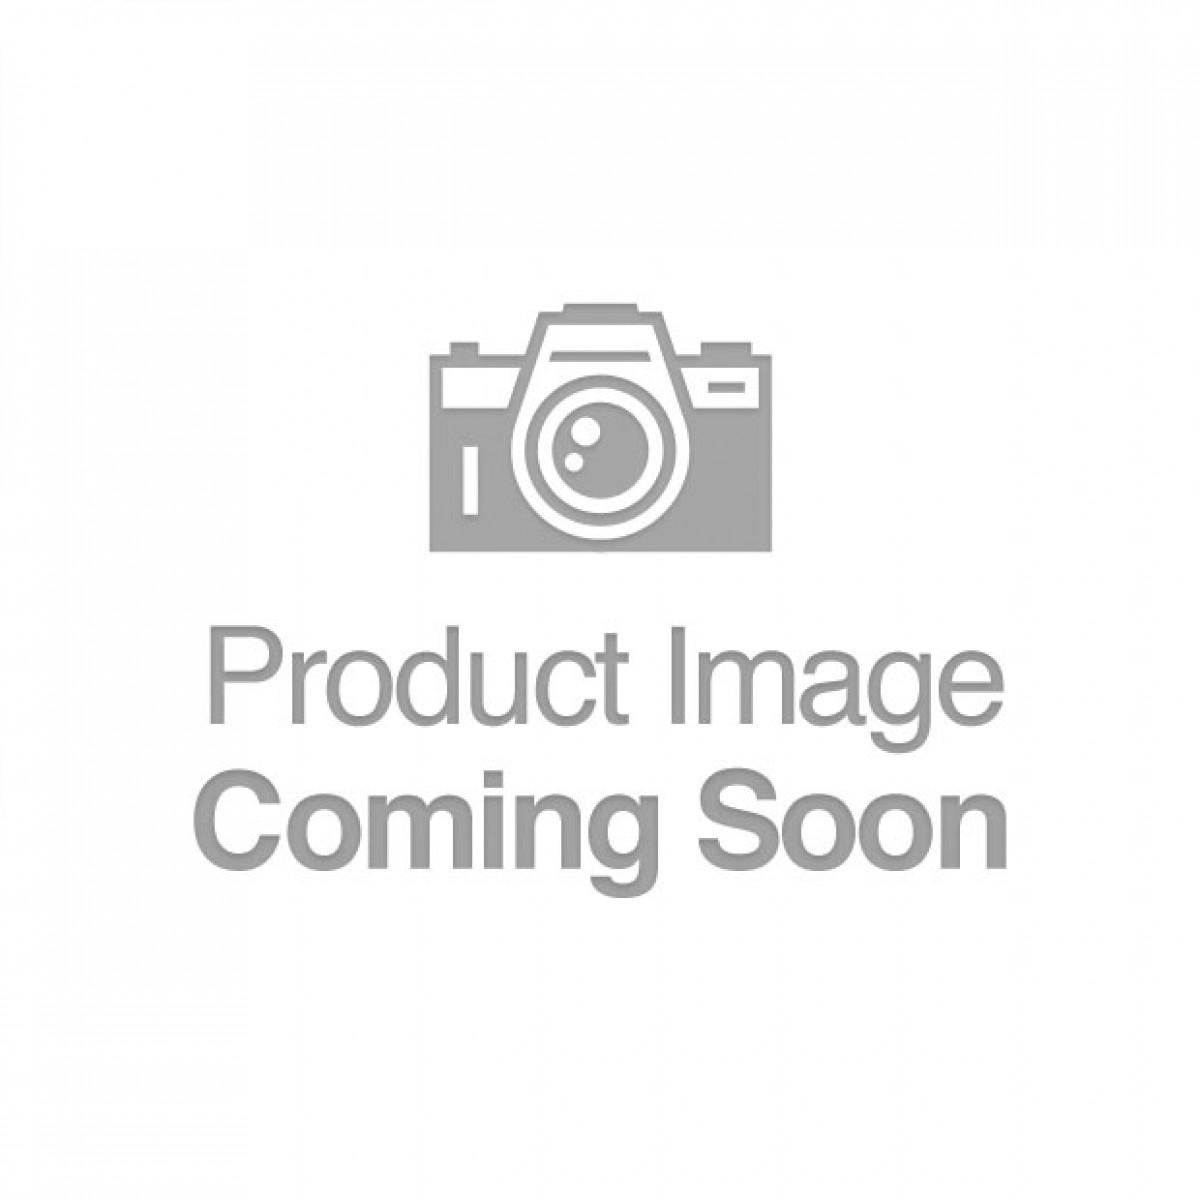 Forto F-98 Plug - Medium Black